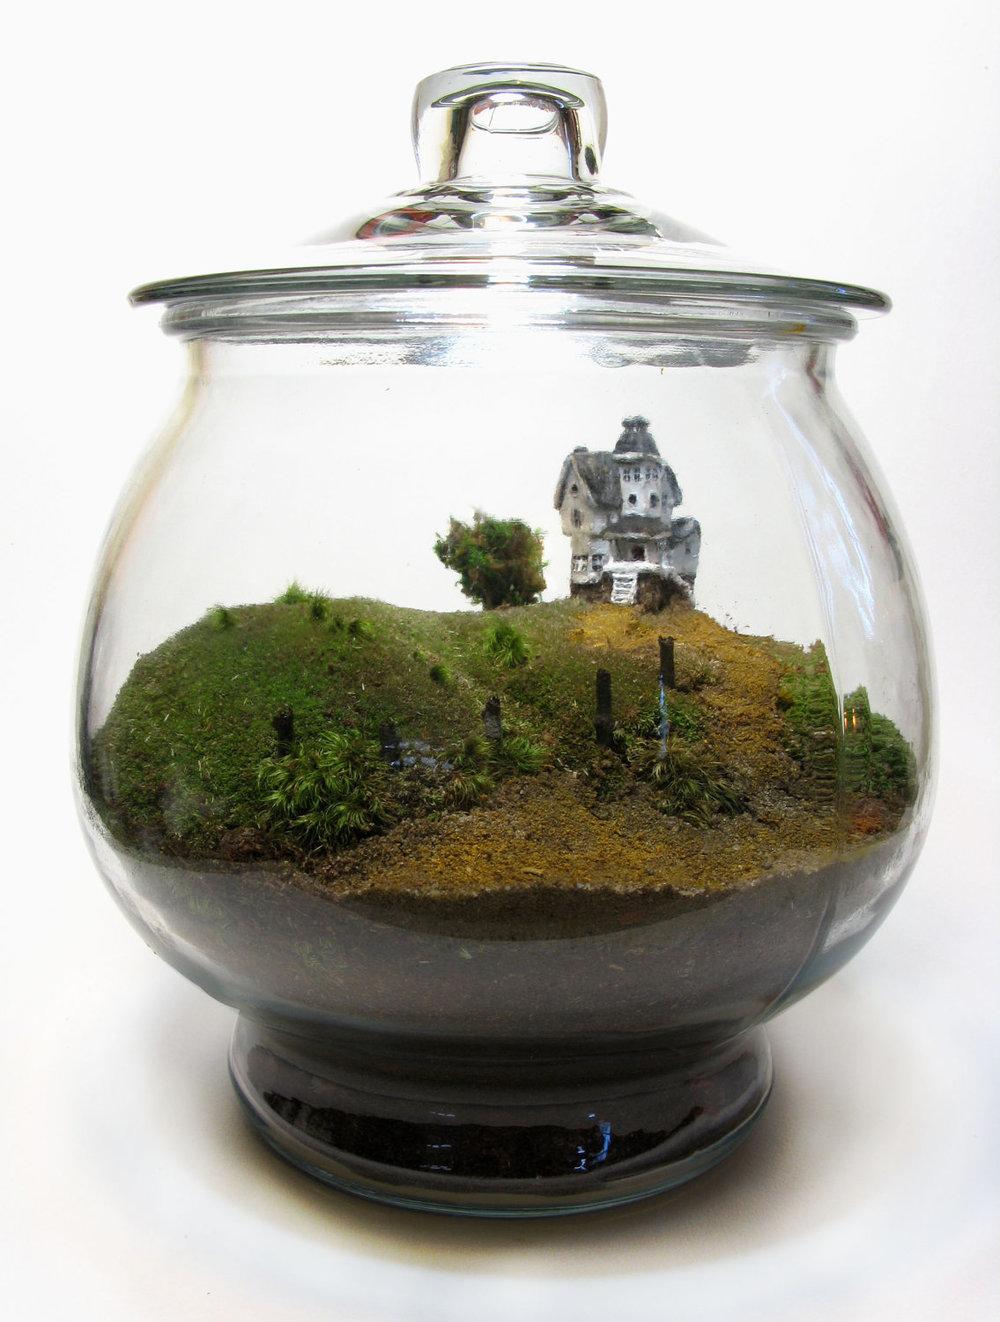 Miniature Beetlejuice House Terrarium